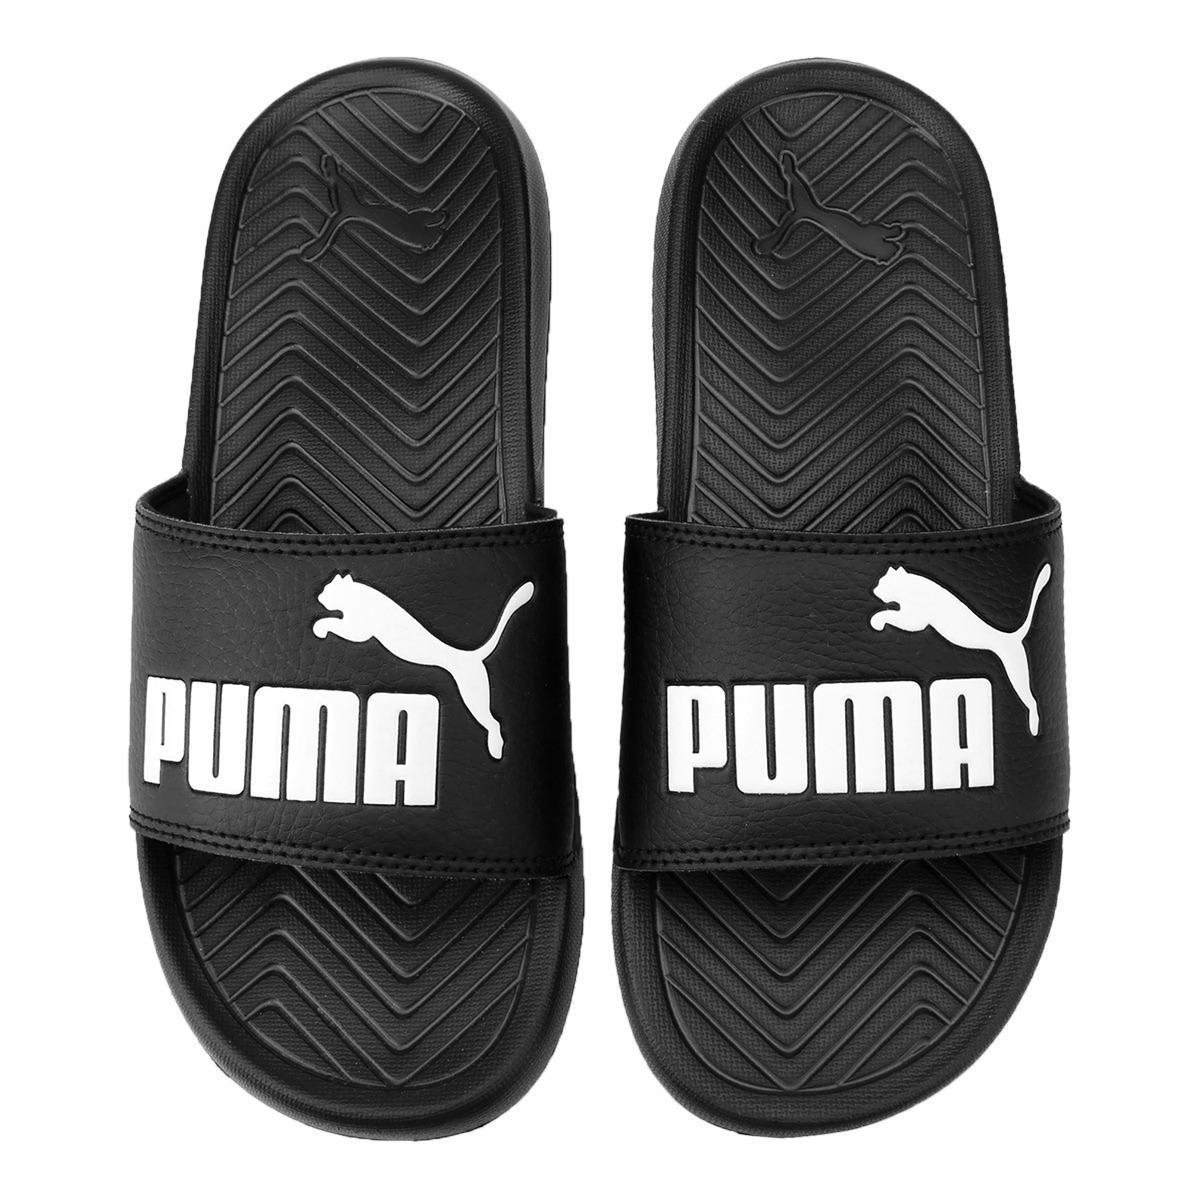 933186605 Chinelo Puma Masculino Original Pronta Entrega - R$ 120,00 em ...